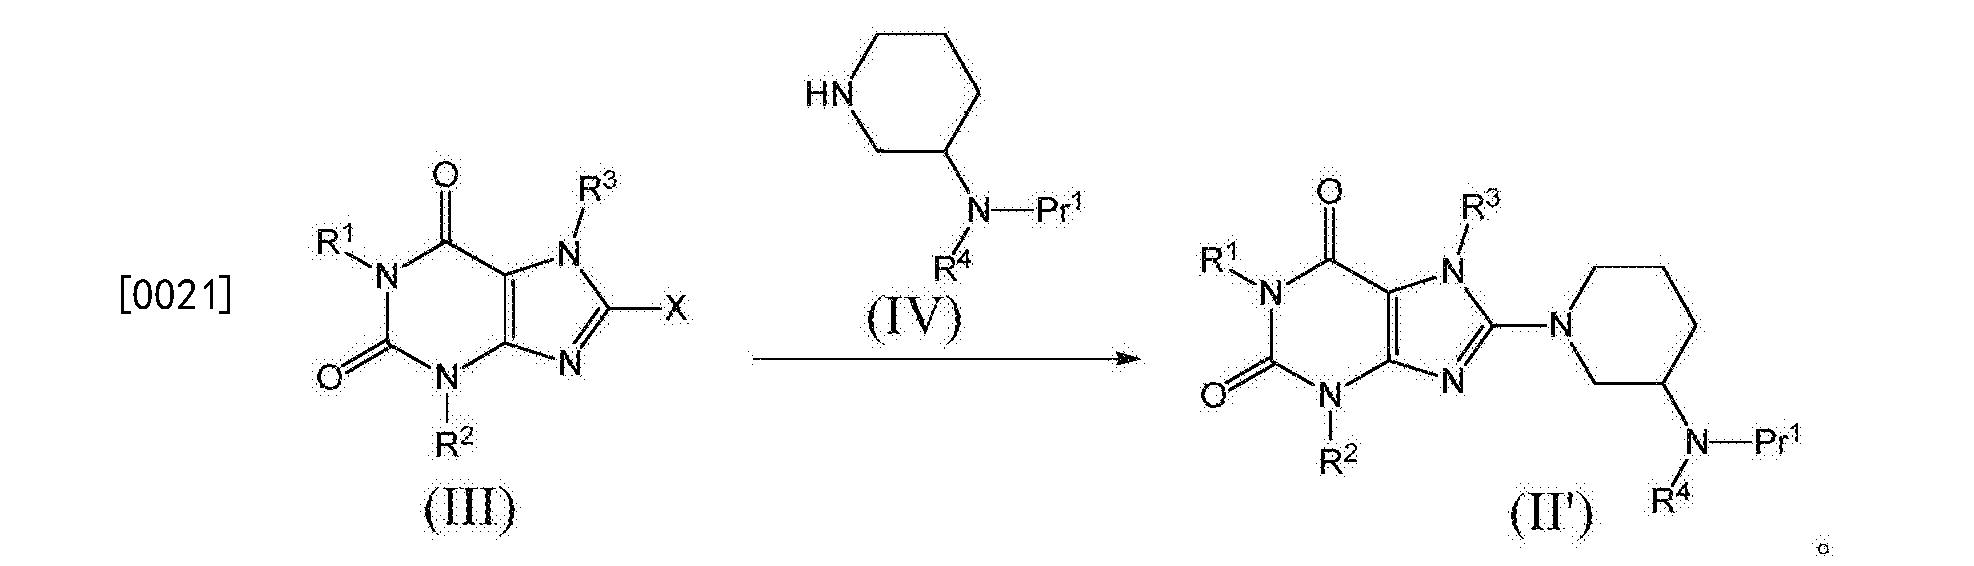 Figure CN105503873BD00061